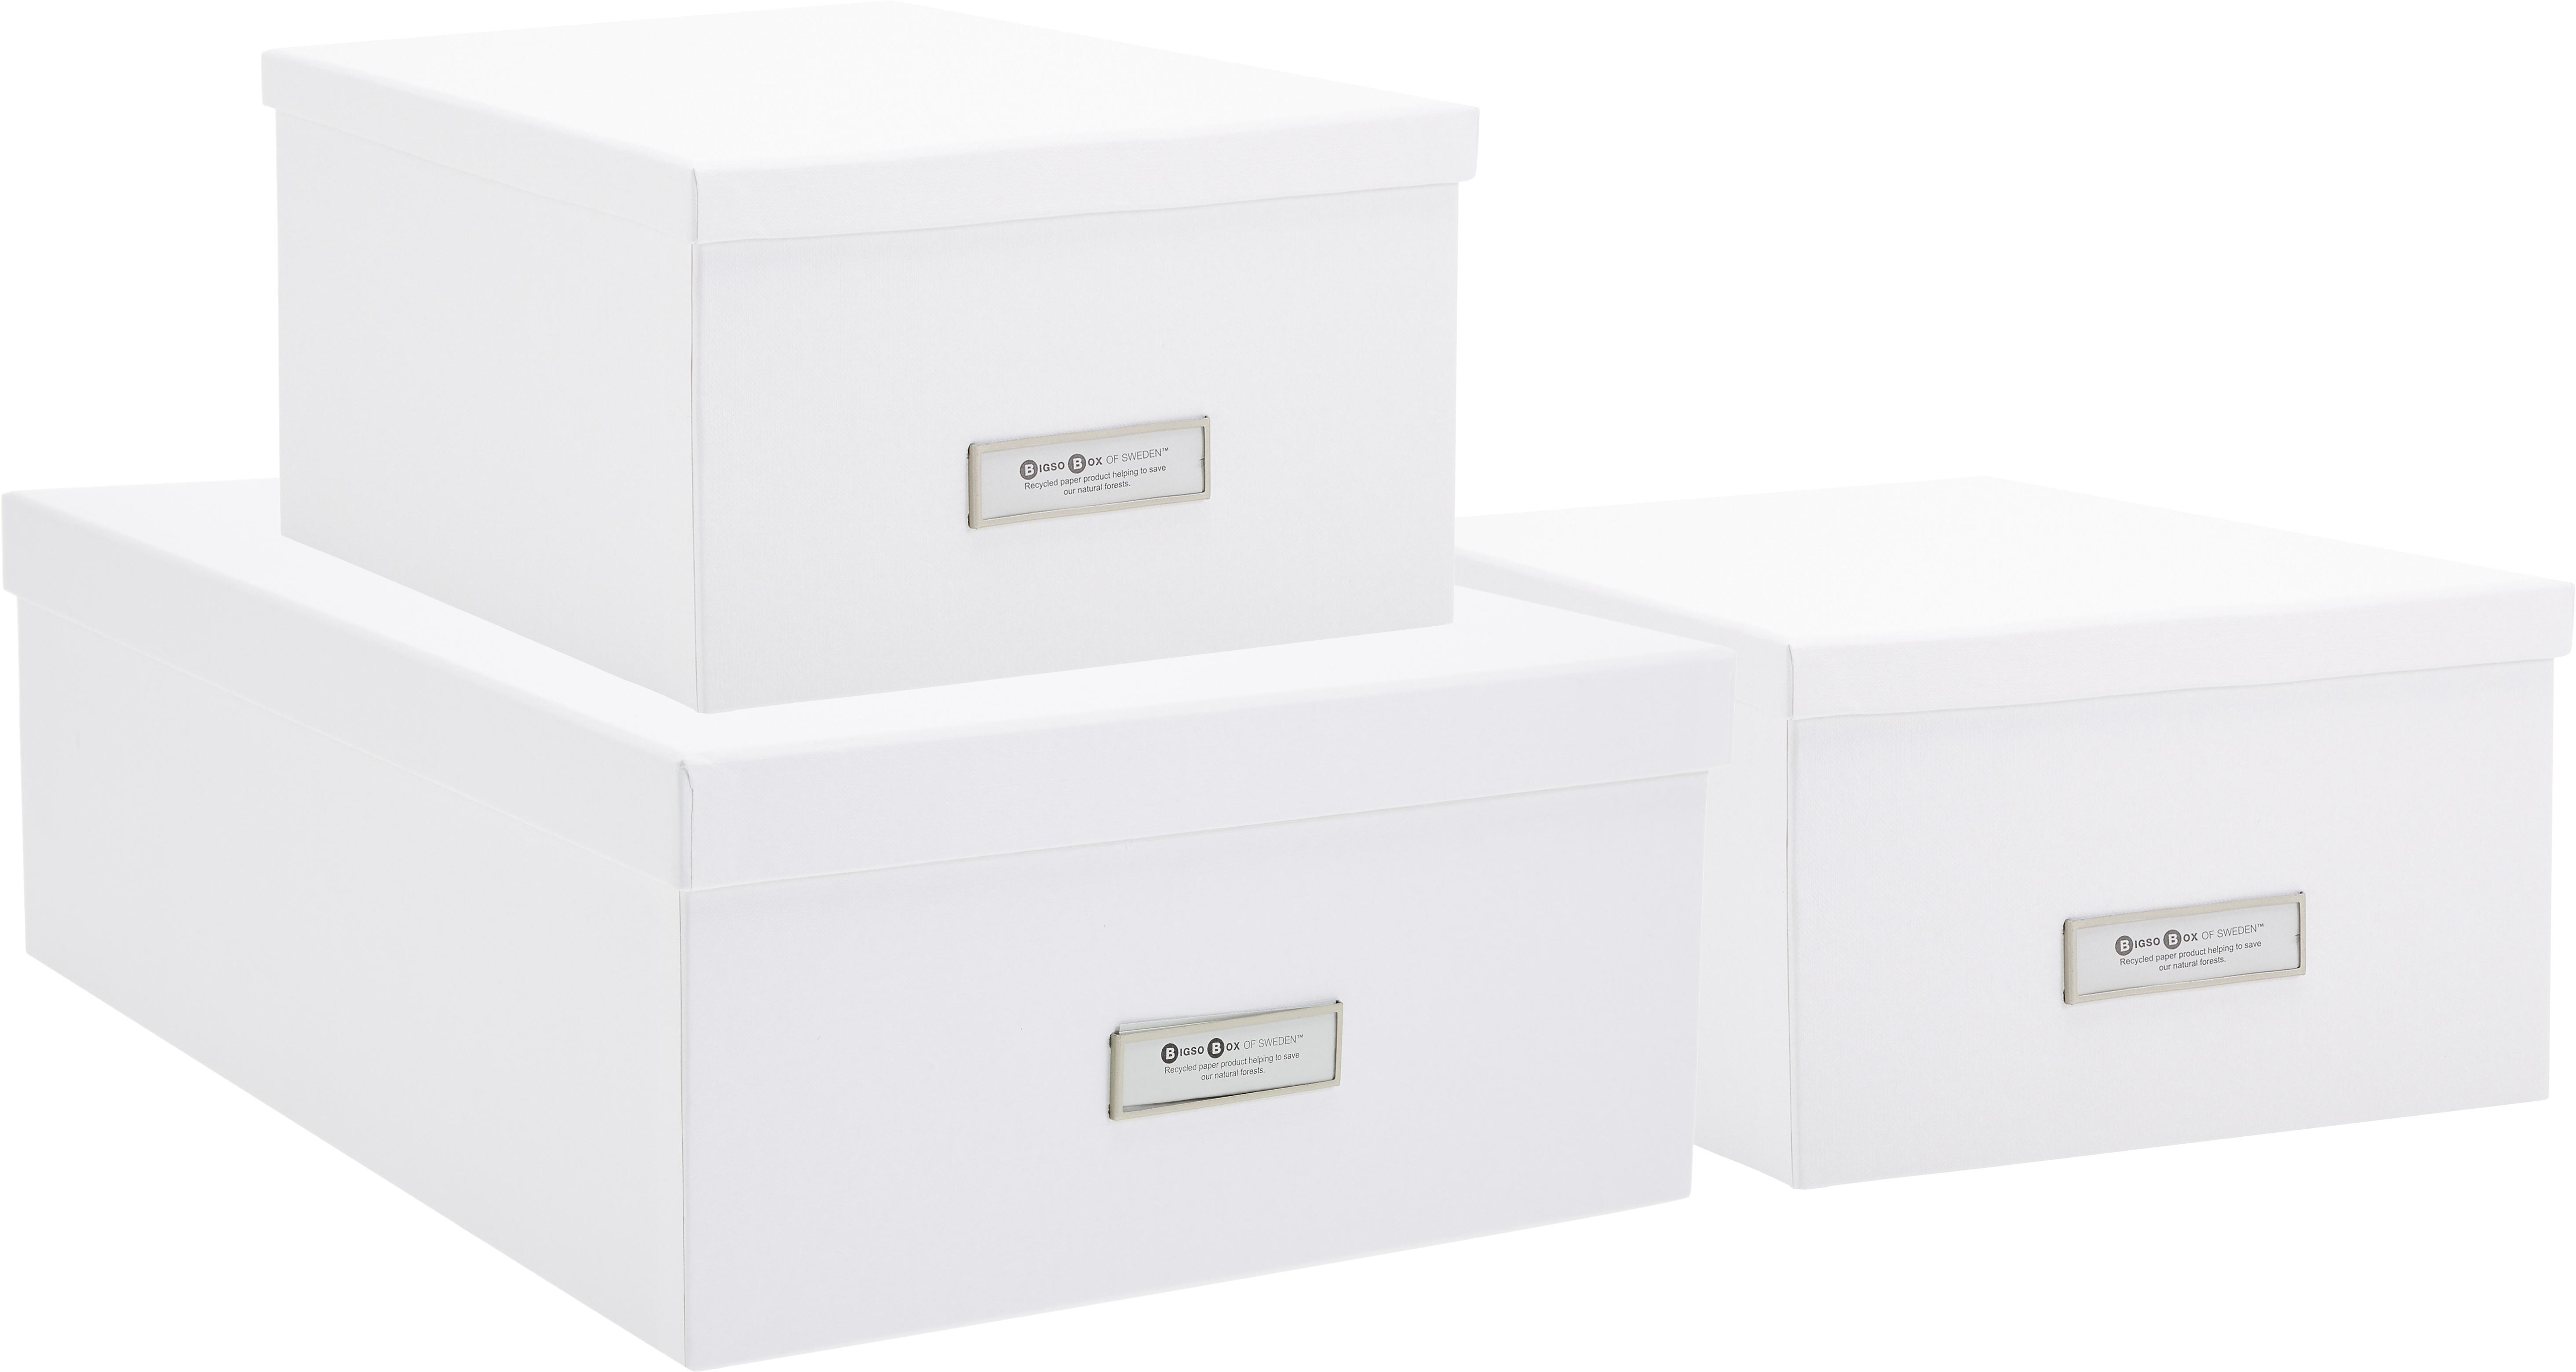 Opbergdozen set Inge, 3-delig, Doos: massief, gelamineerd kart, Doos buitenzijde: wit. Doos binnenzijde: wit, Verschillende formaten